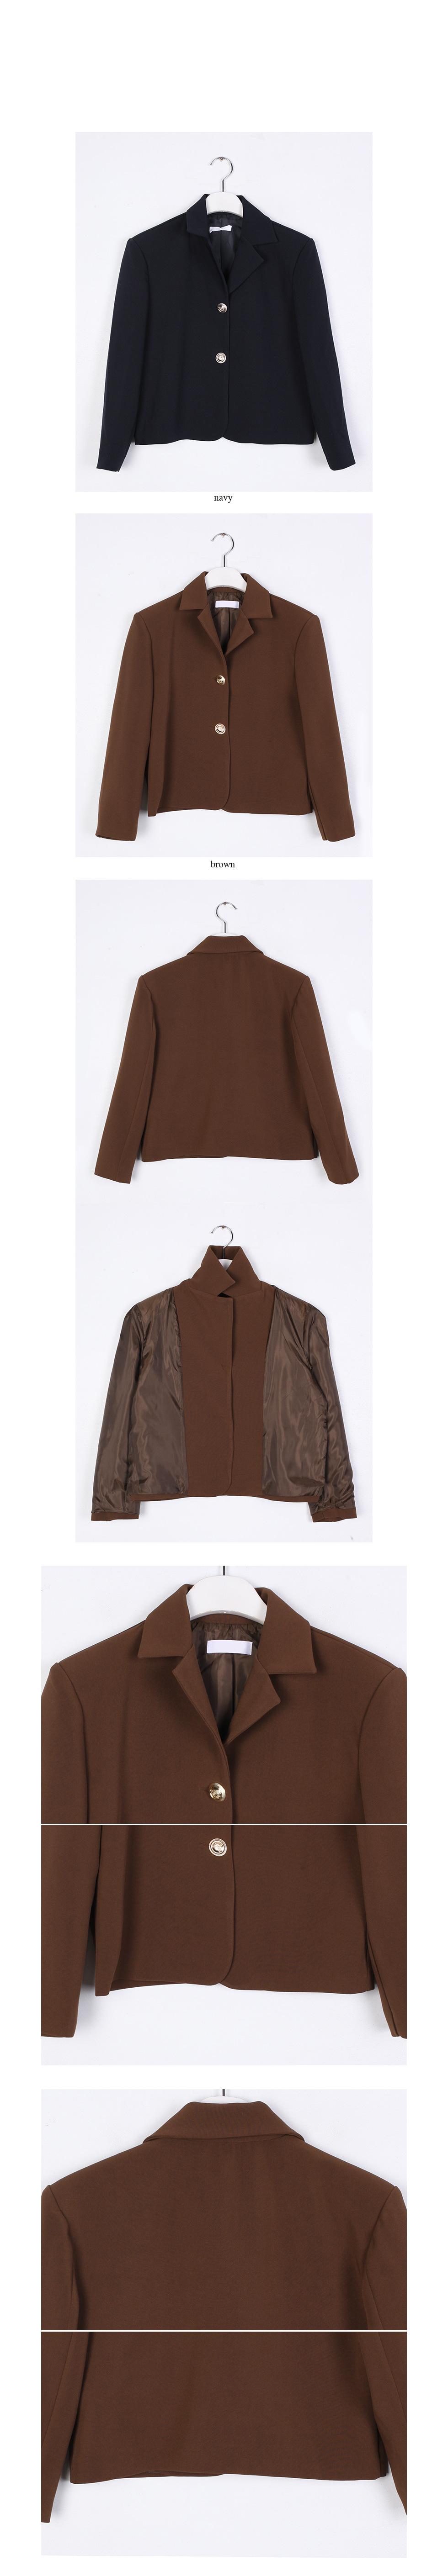 80's vintage short jacket